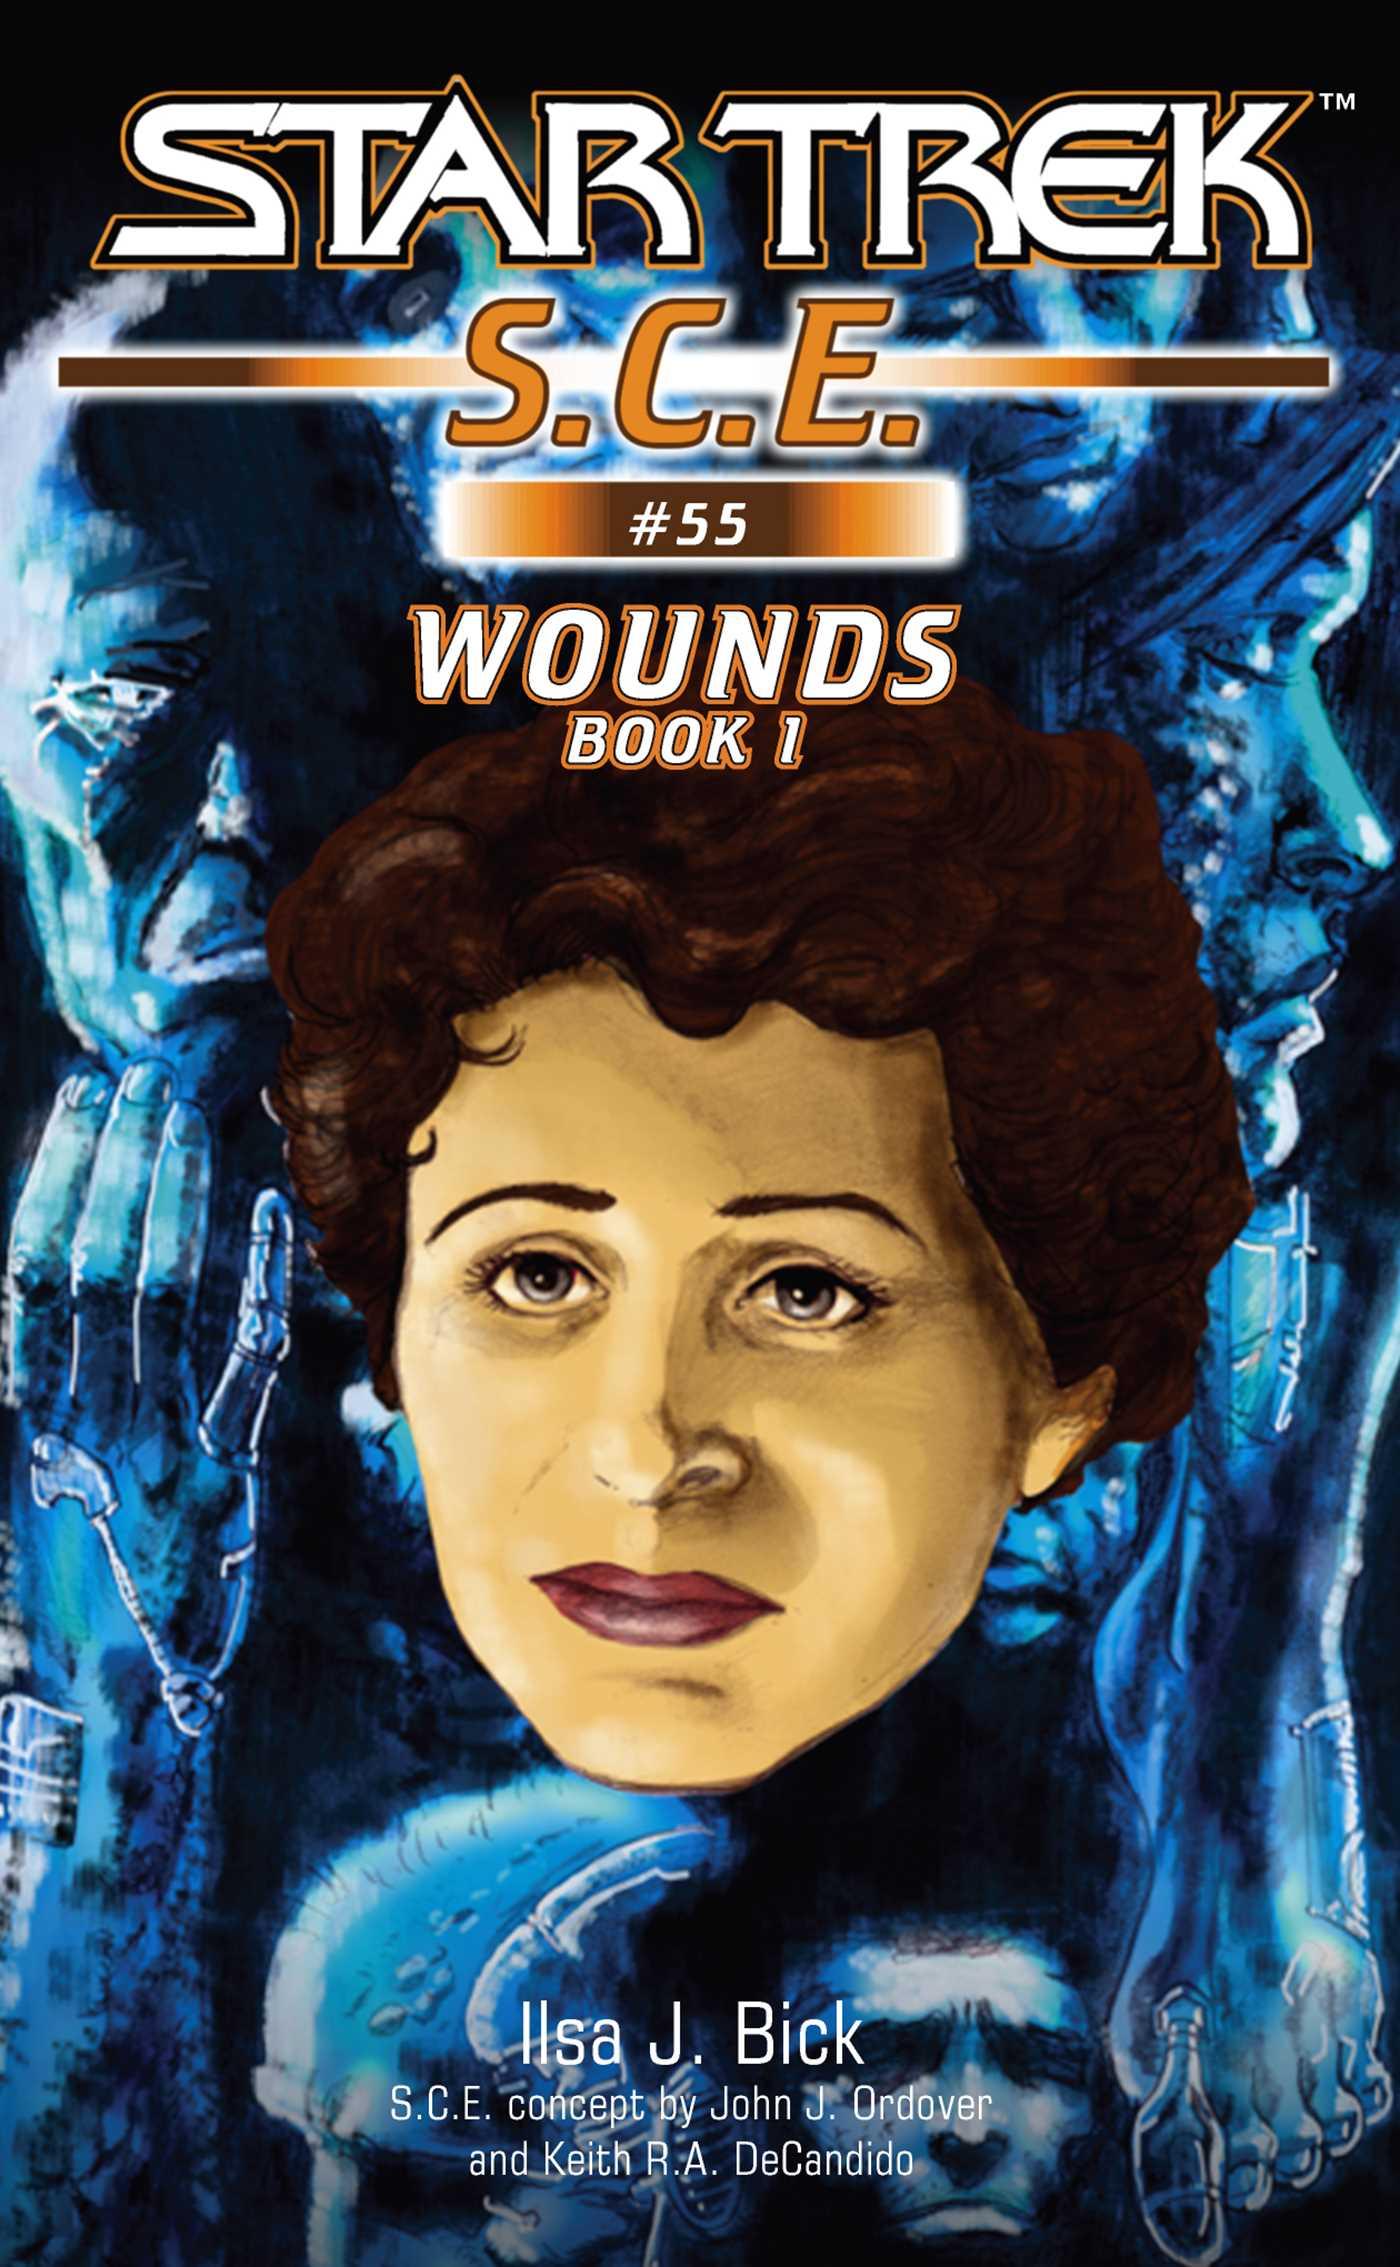 Star trek wounds book 1 9781416509608 hr